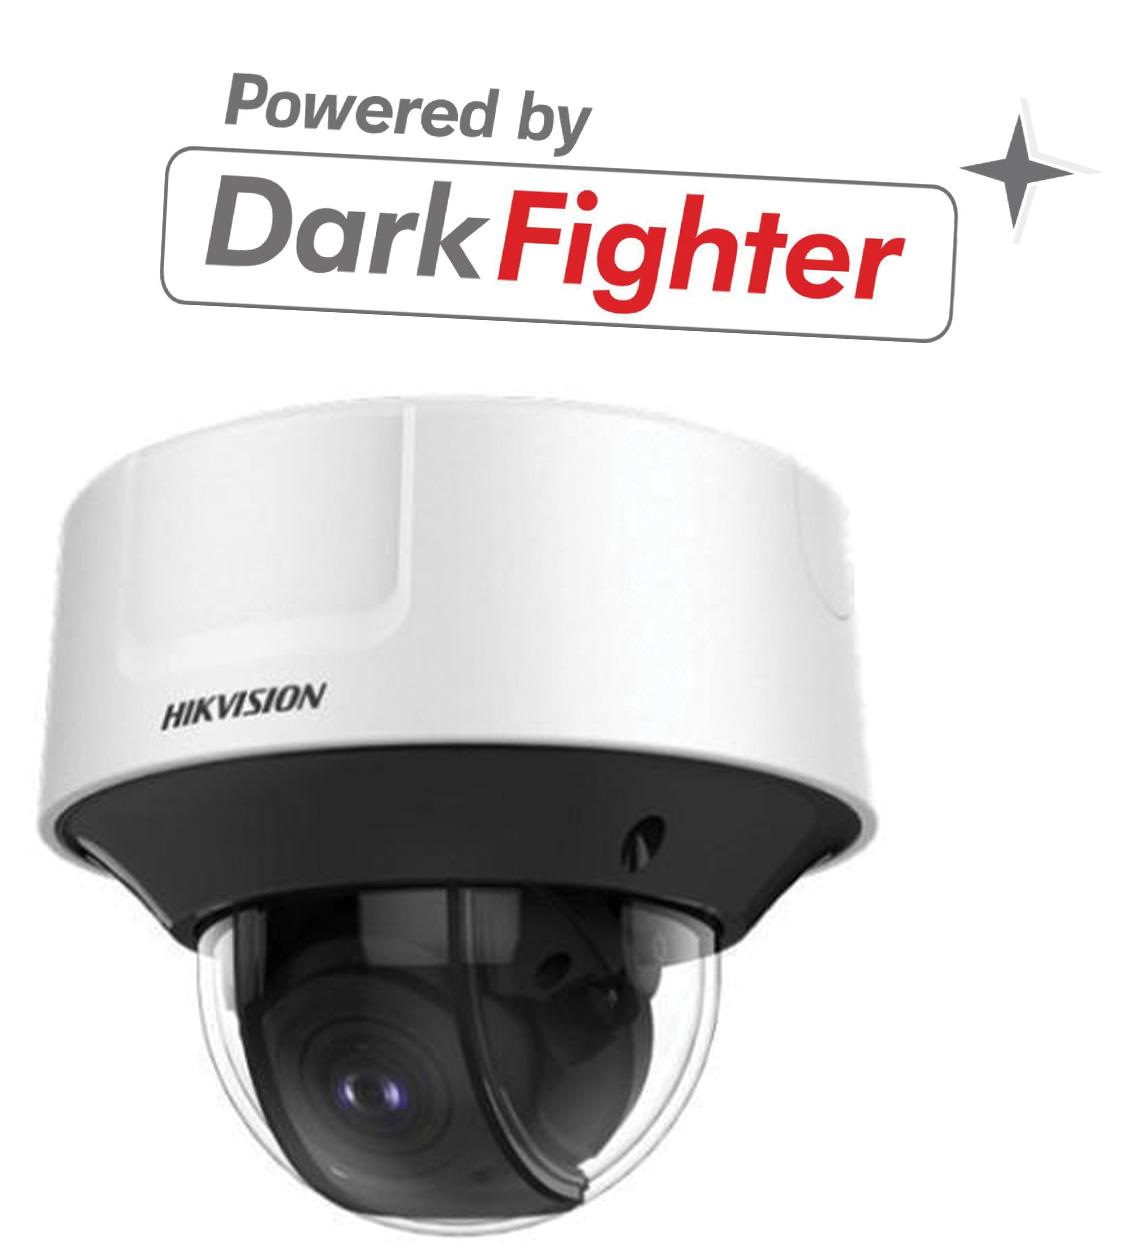 Hikvision-DS-2CD5526G1-IZHS8-32mm-IP-Dome-Ueberwachung-Kamera.jpg